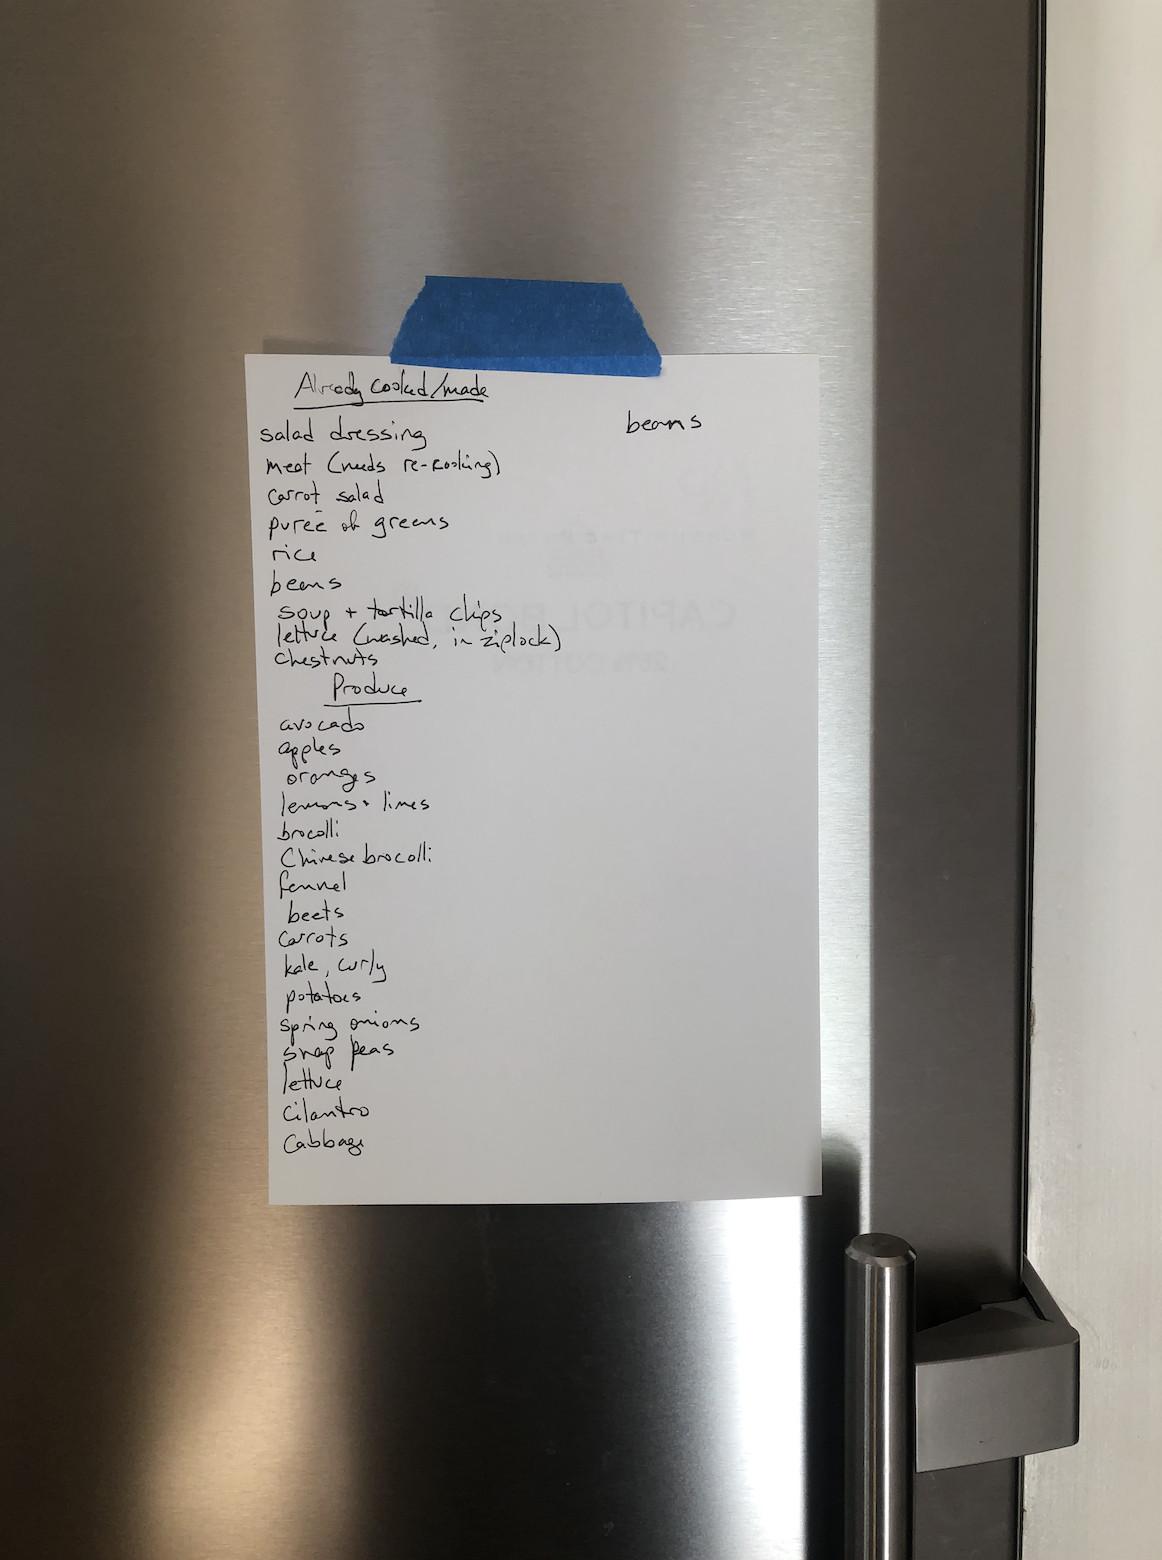 Uma lista de ingredientes e pratos colados na parte externa de uma geladeira de metal.